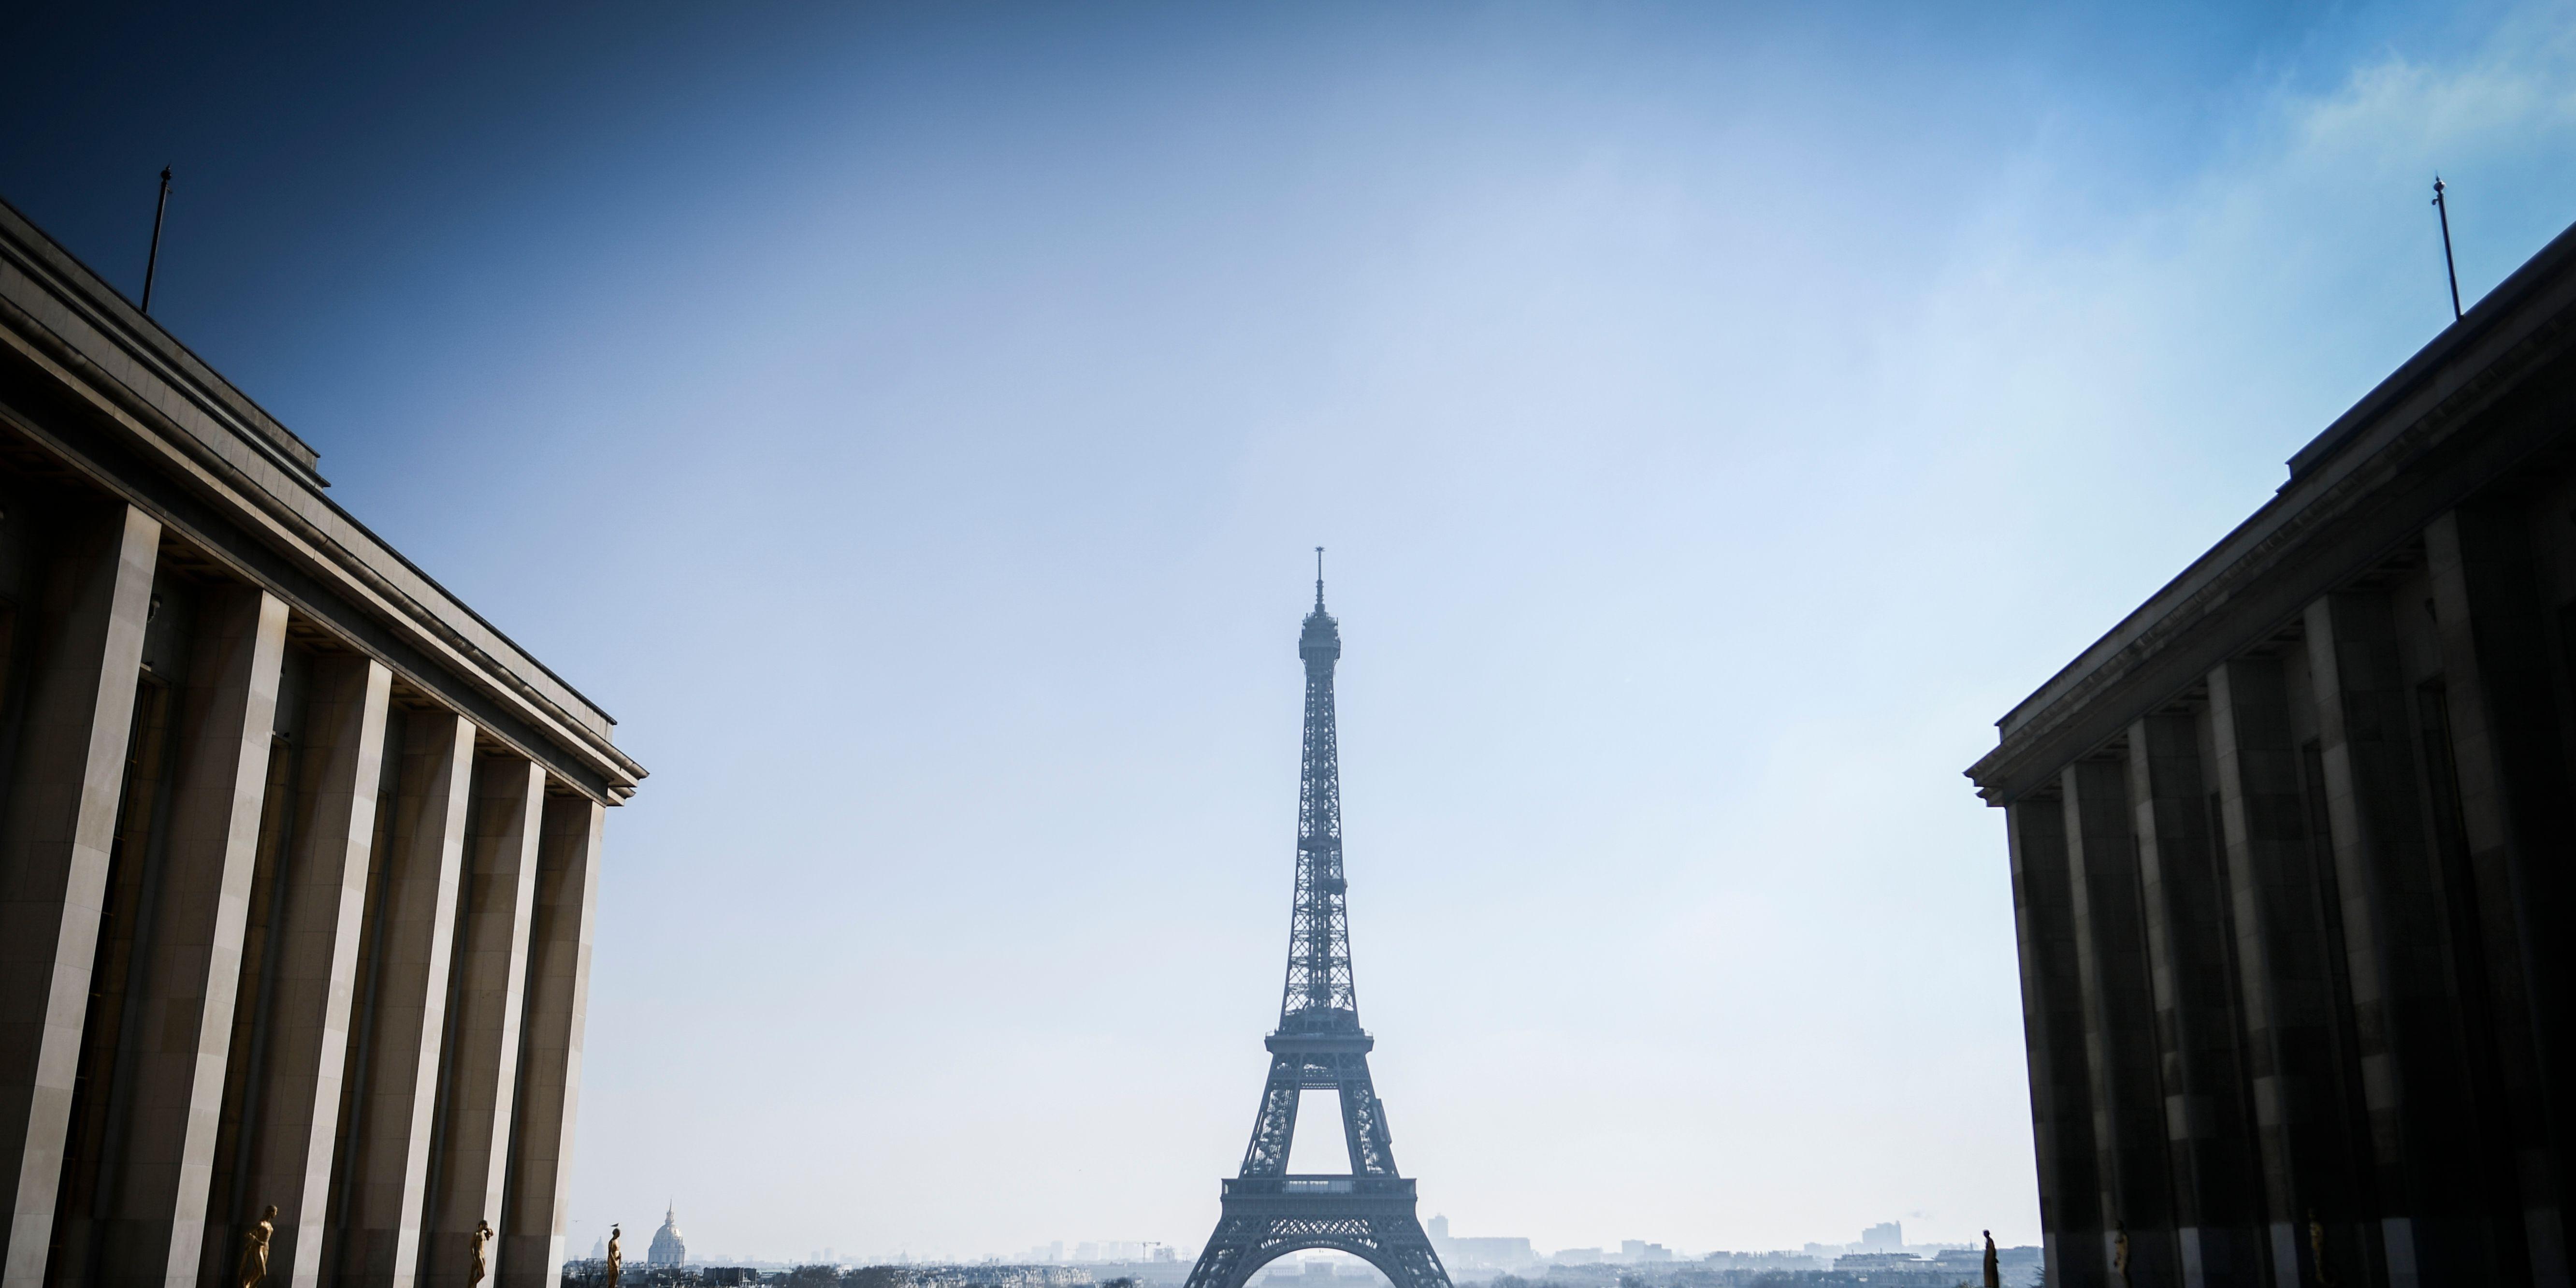 TOPSHOT-FRANCE-TOURISM-ARCHITECTURE-PARIS-FEATURE